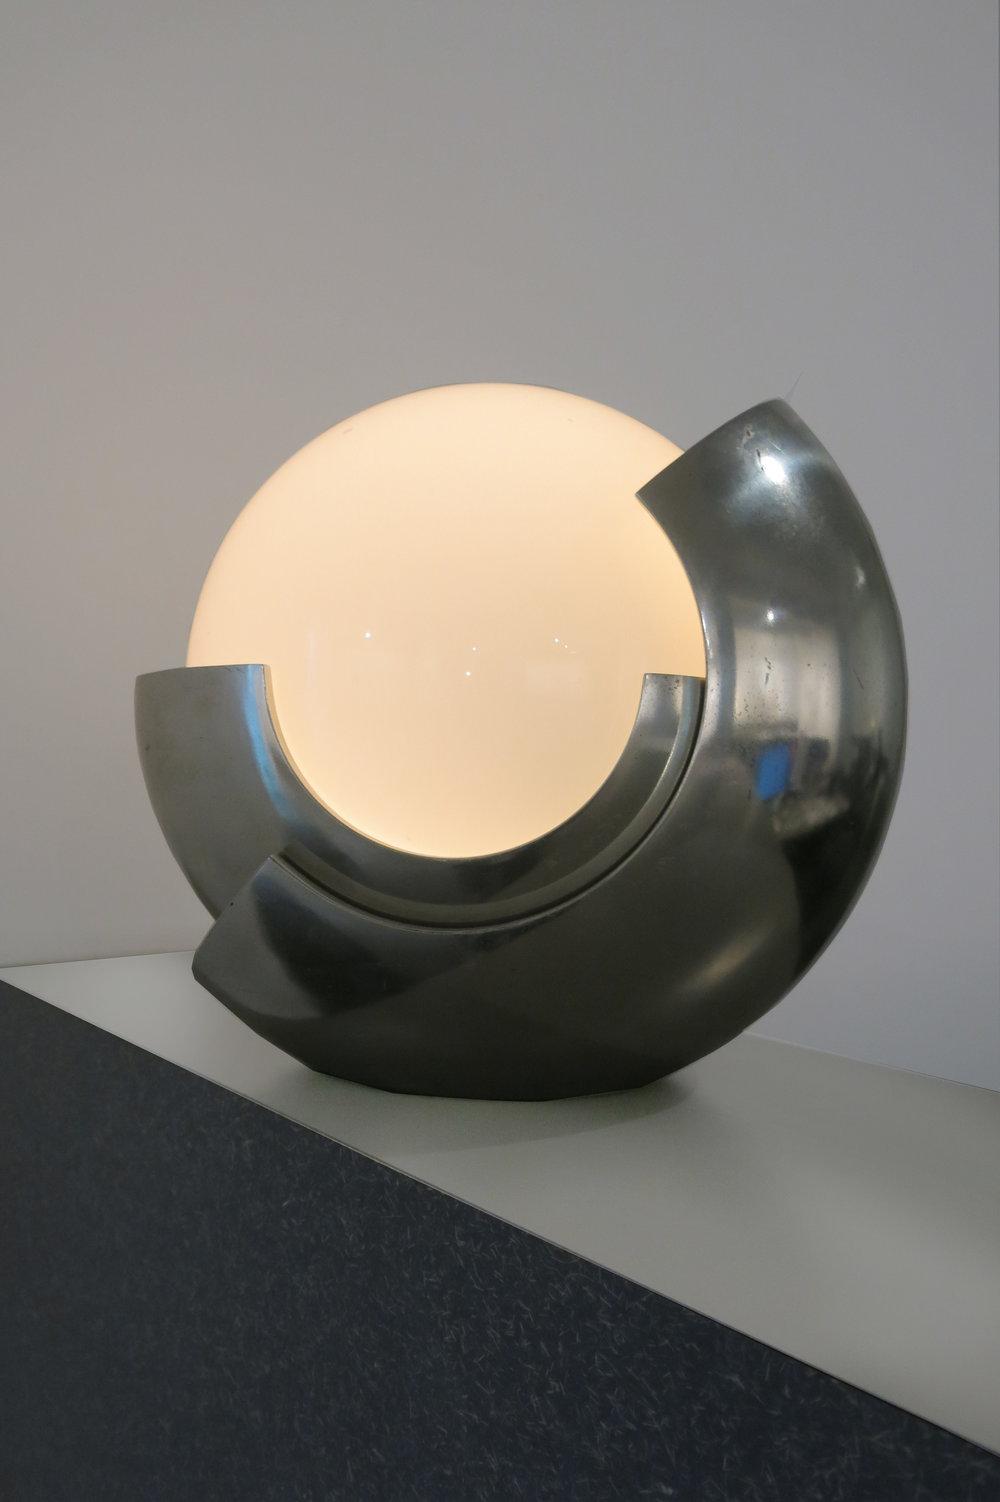 Maison Bagues, Moon Lamp (Globe), France, c. 1960s, steel chrome, pate de verre, 13.5h x 13.5w x 11d in.